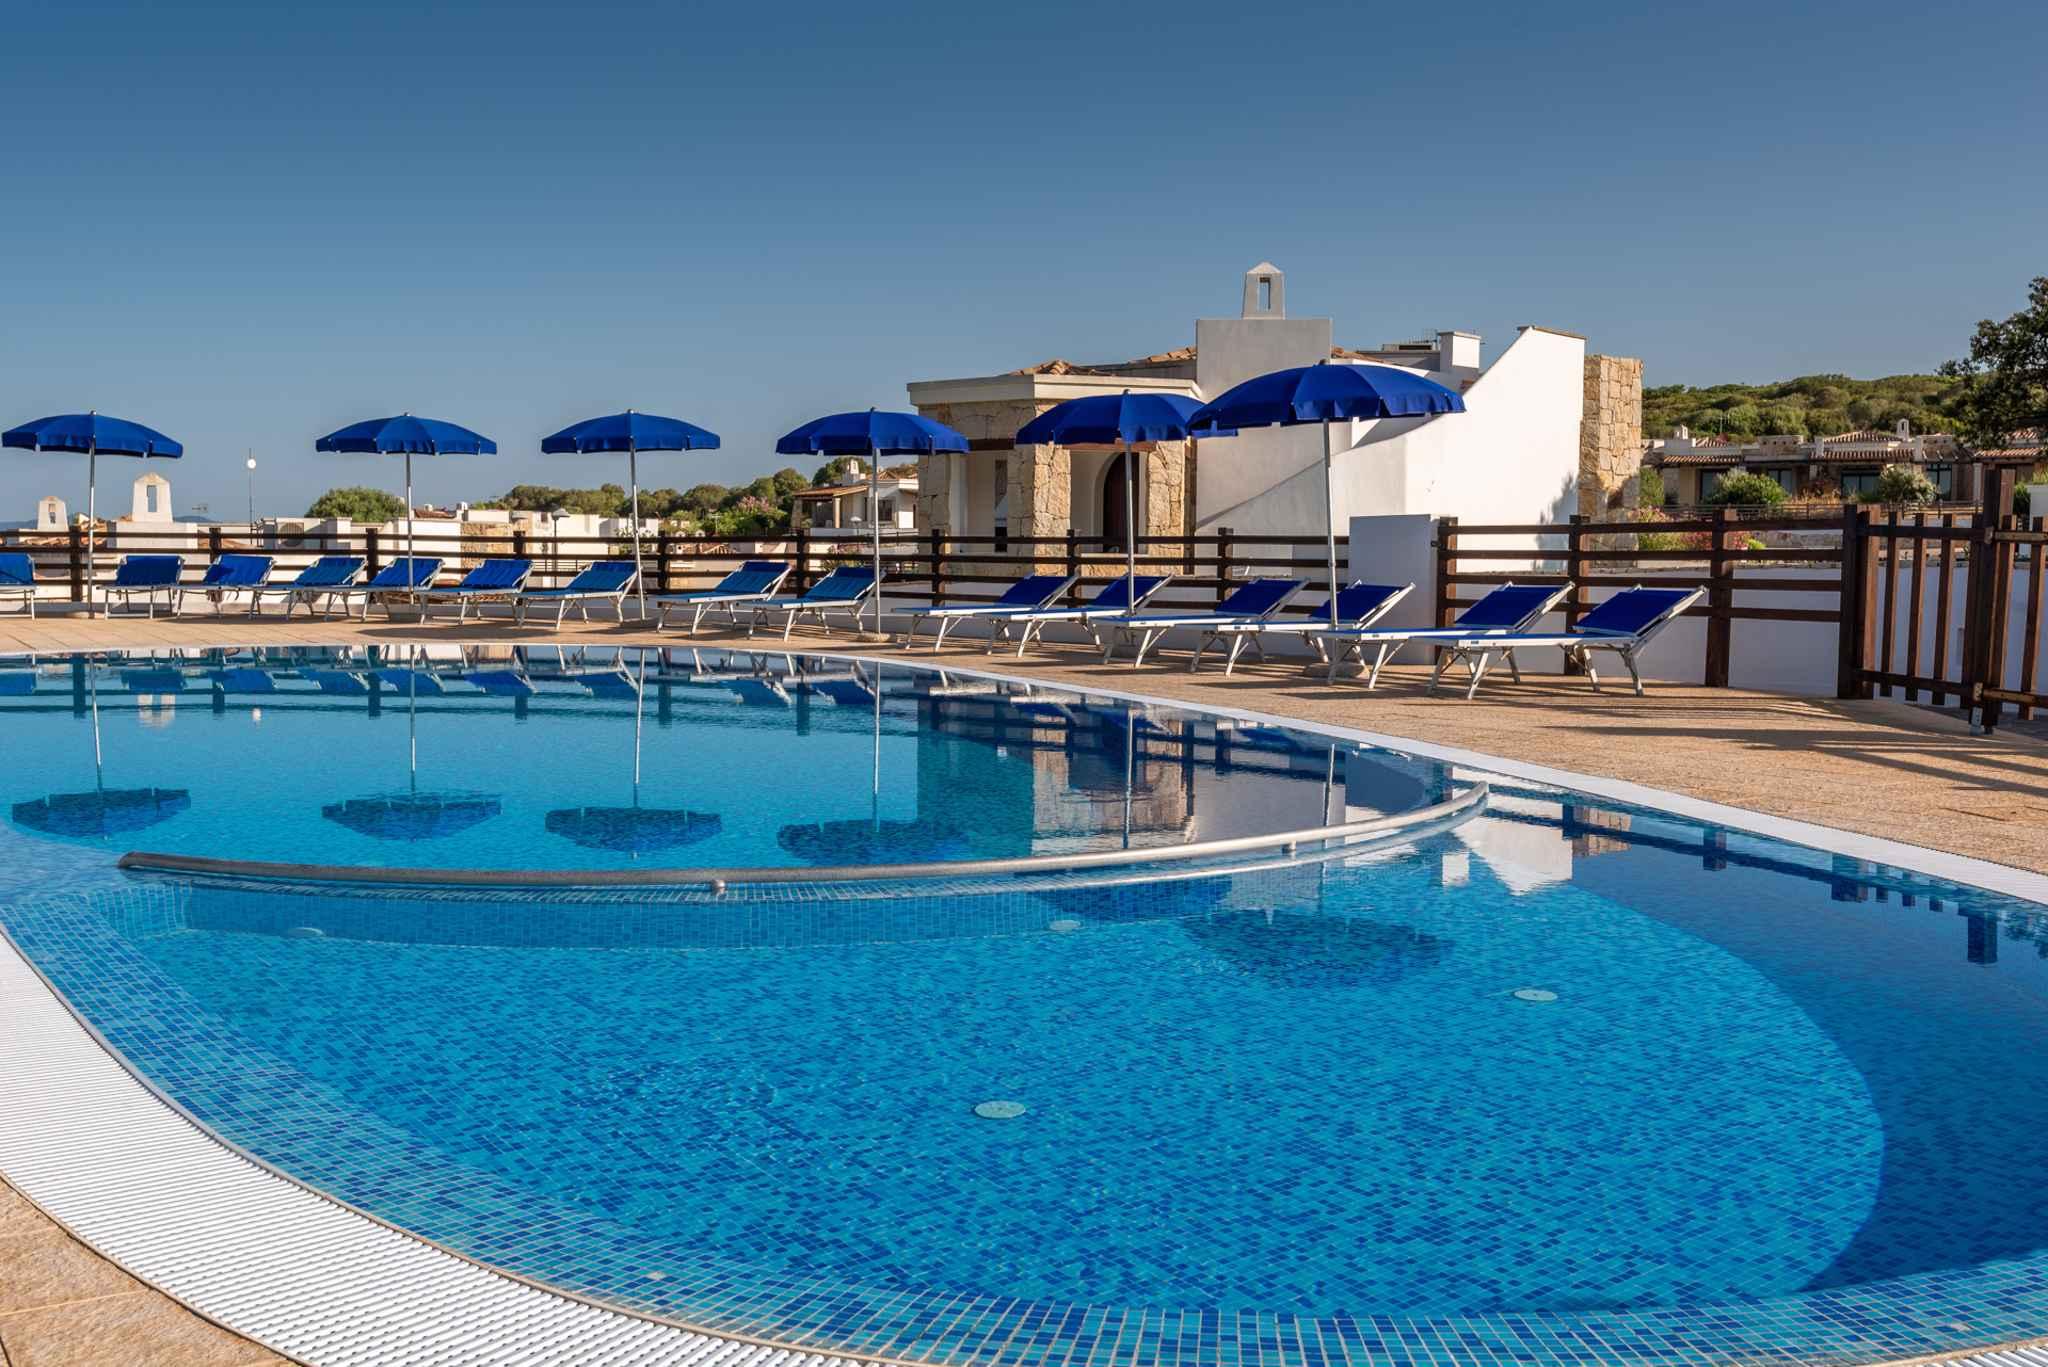 Ferienhaus mit KLimaanlage (2182426), Alghero, Sassari, Sardinien, Italien, Bild 8